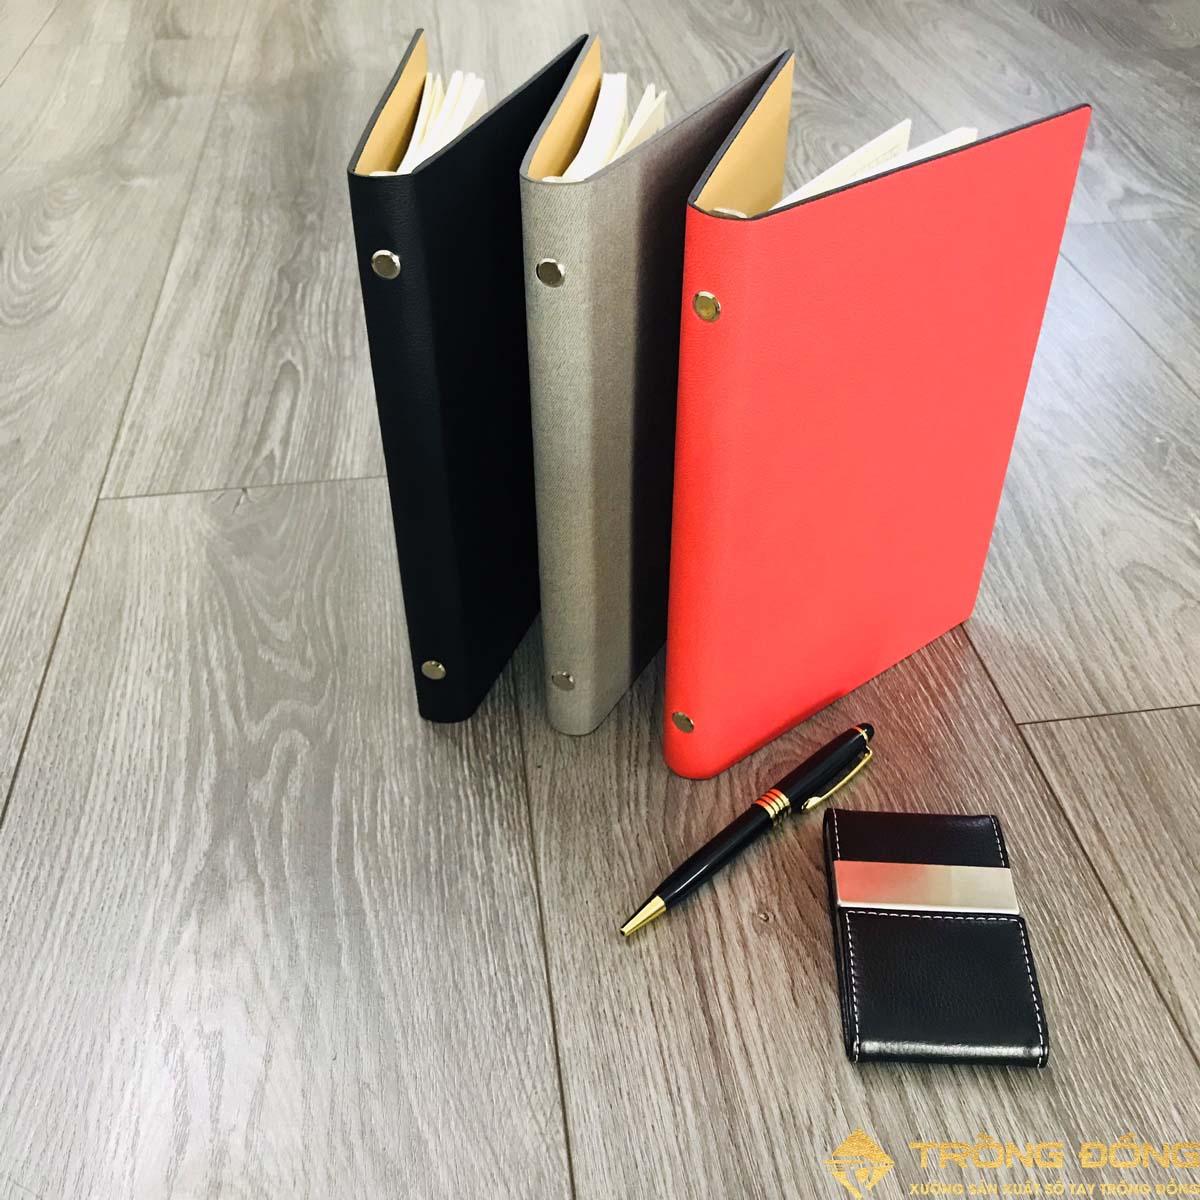 Sổ bìa da được lăn sơn cạnh làm cuốn sổ càng sang trọng và cao cấp hơn.